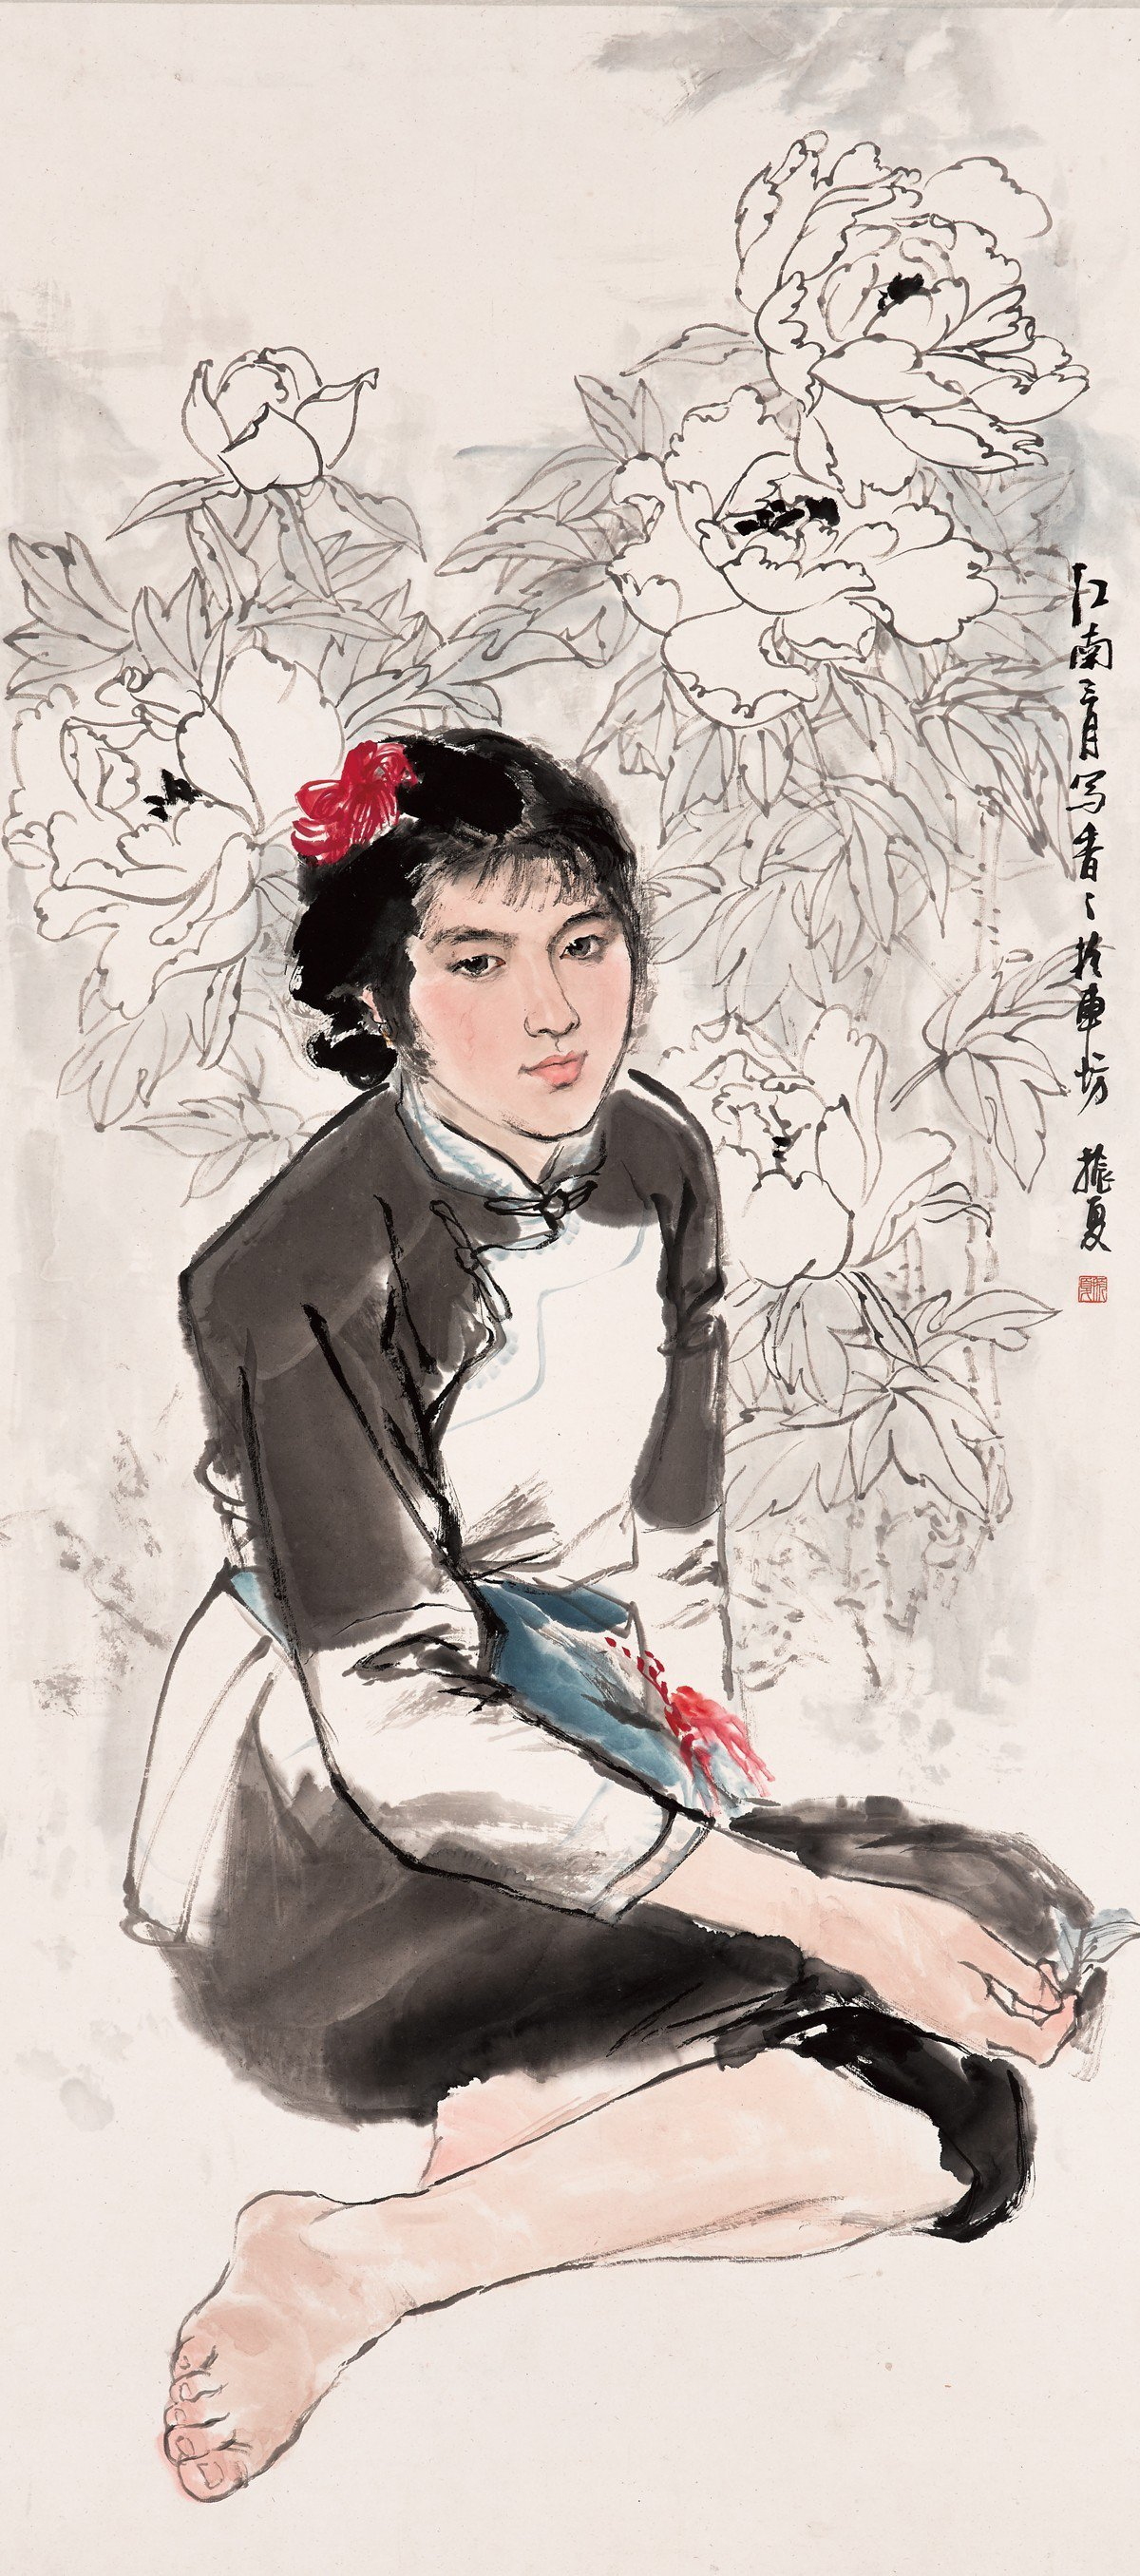 劉振夏 牡丹姑娘 1980 131.4x59.3cm